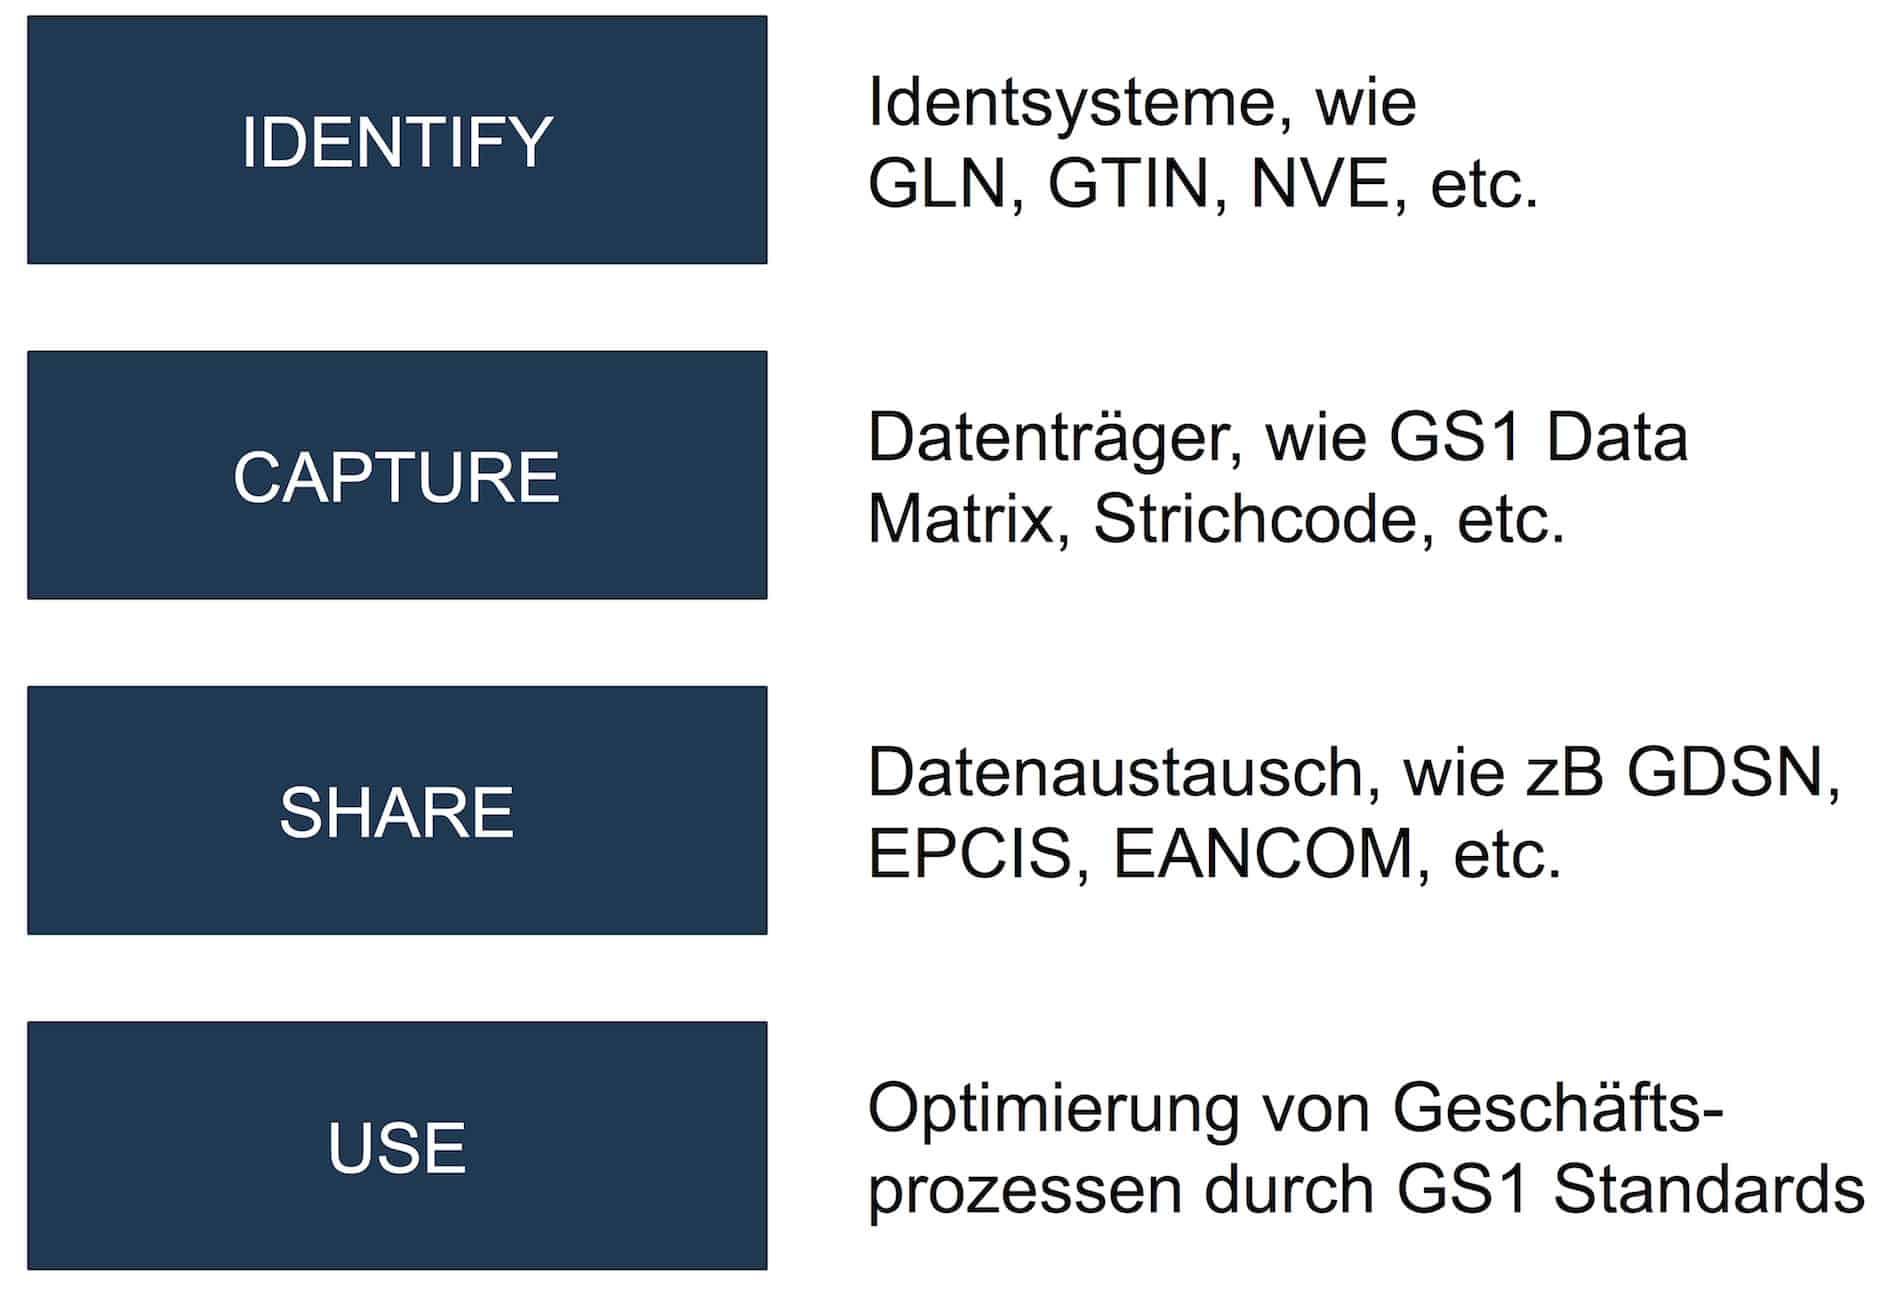 GS1-System GLN beantragen